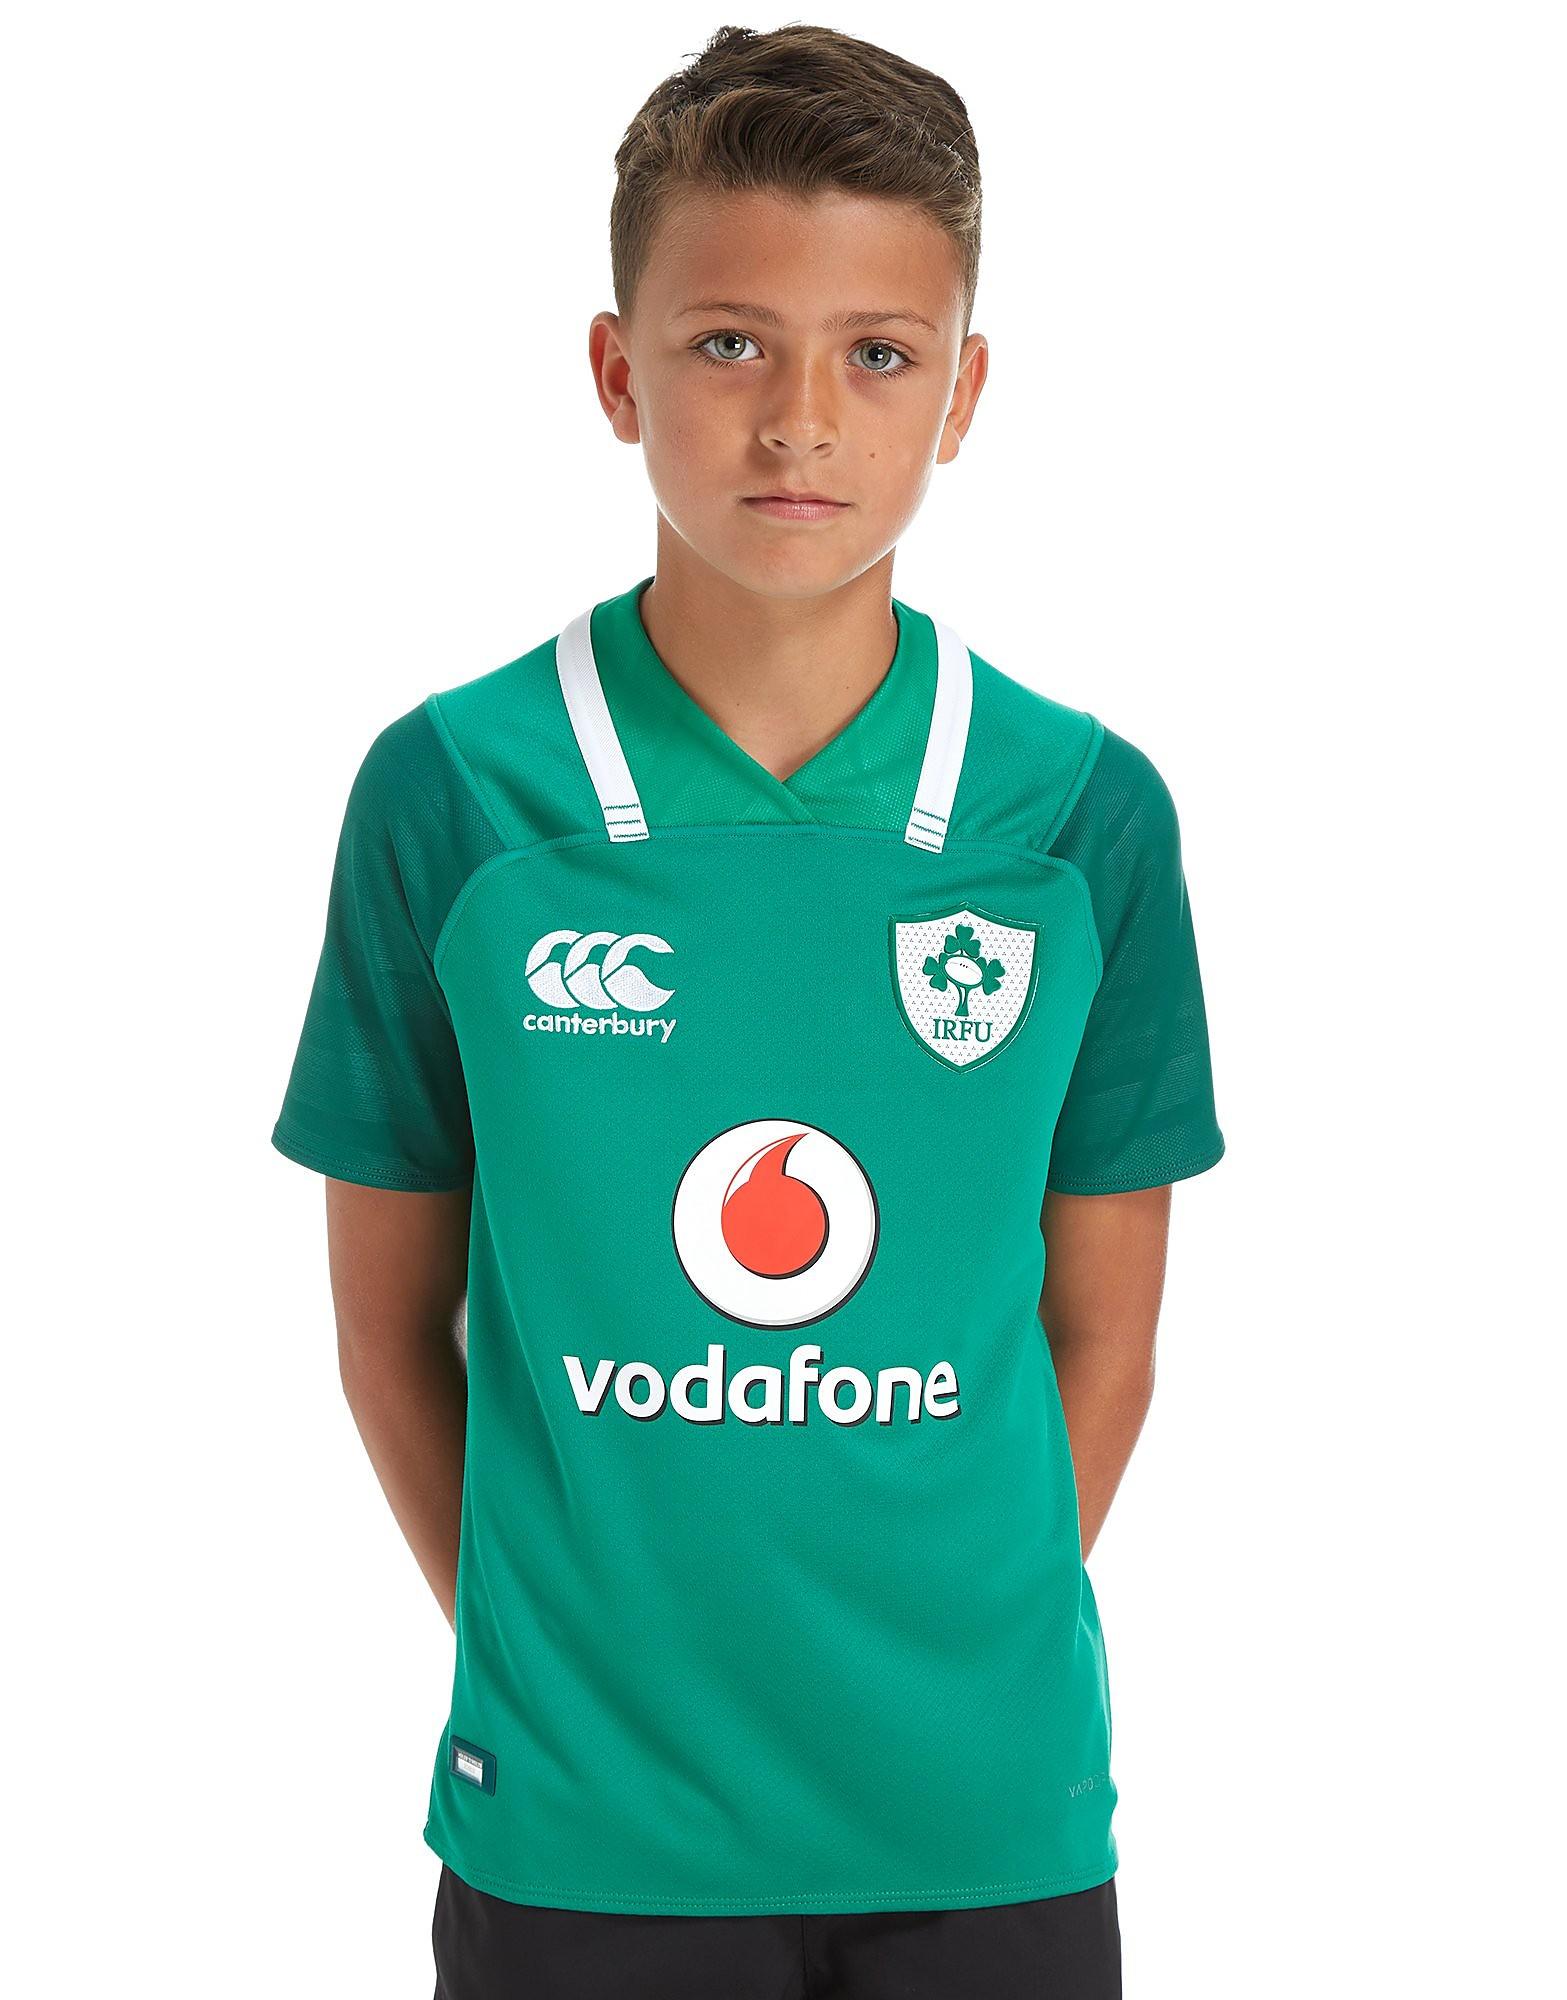 Canterbury Ireland RFU 2017 Home Player Shirt Junior